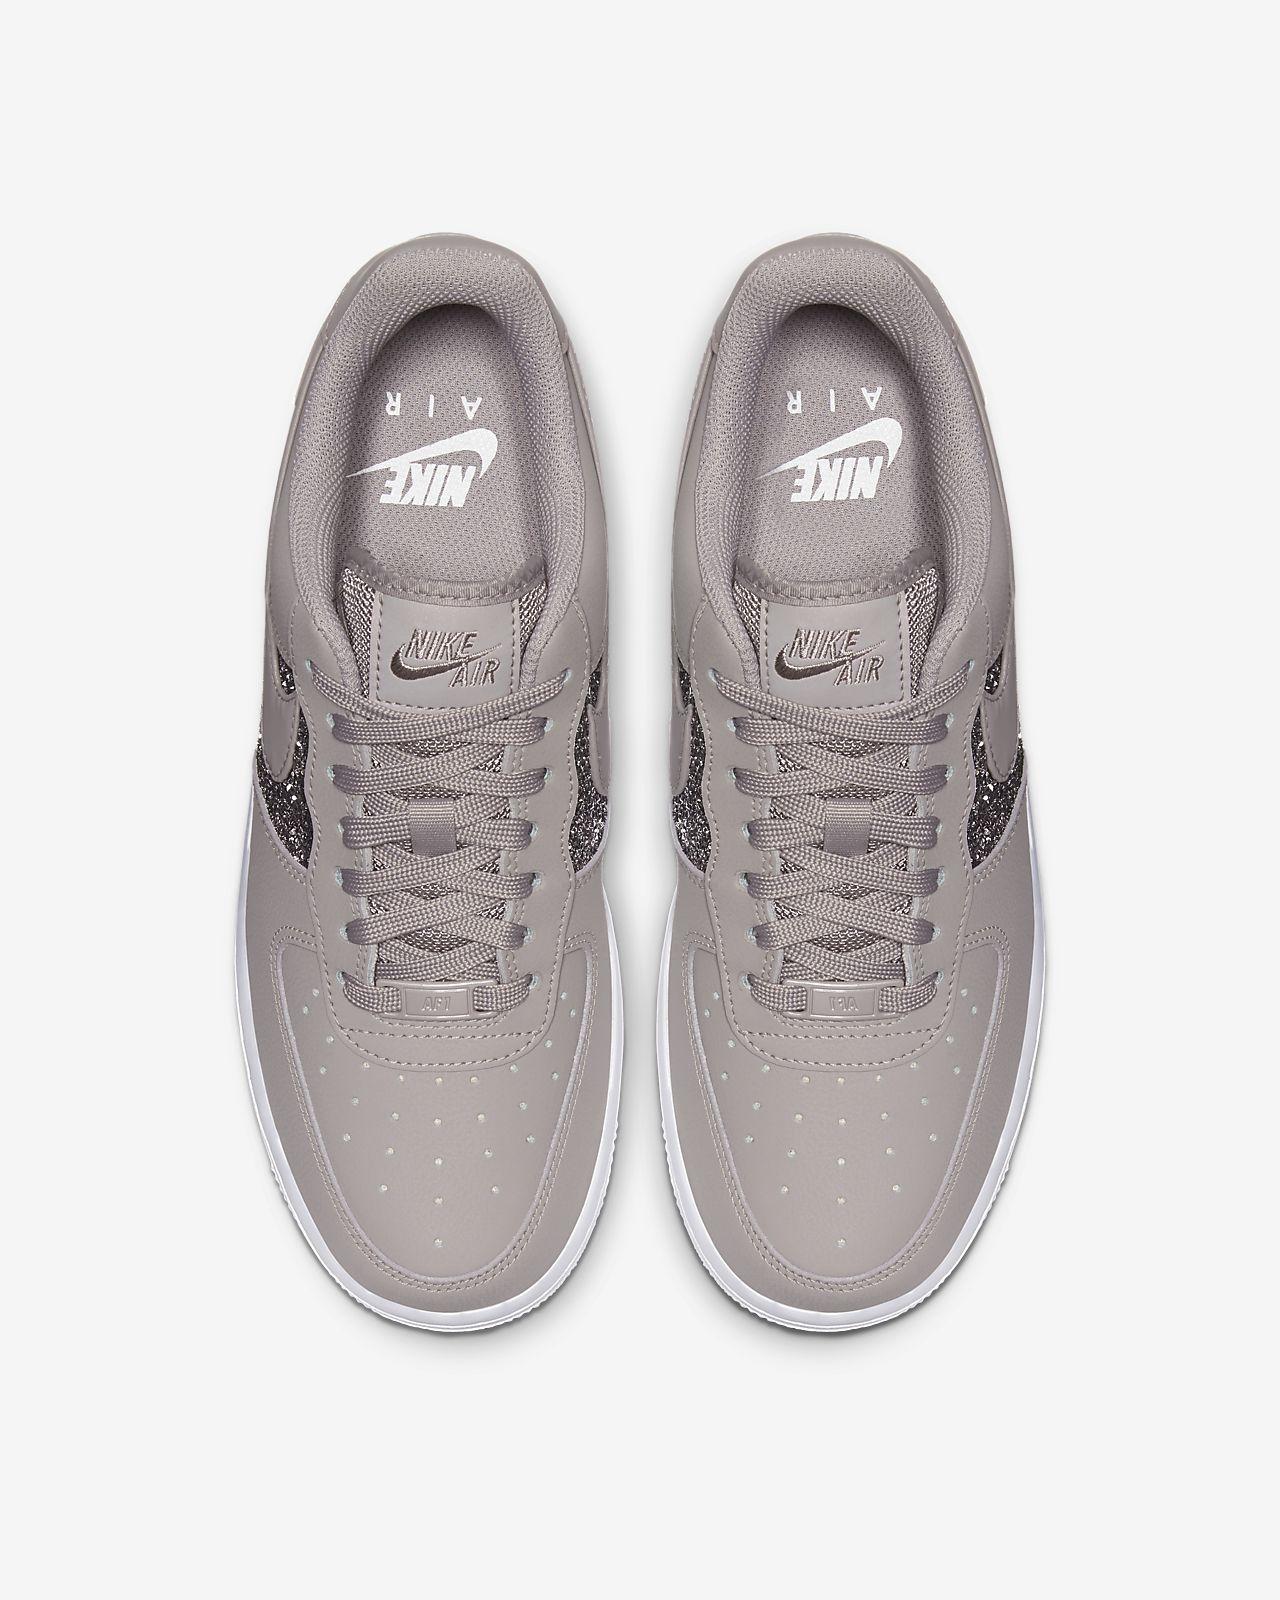 Chaussure pailletée Nike Air Force 1 Low pour Femme